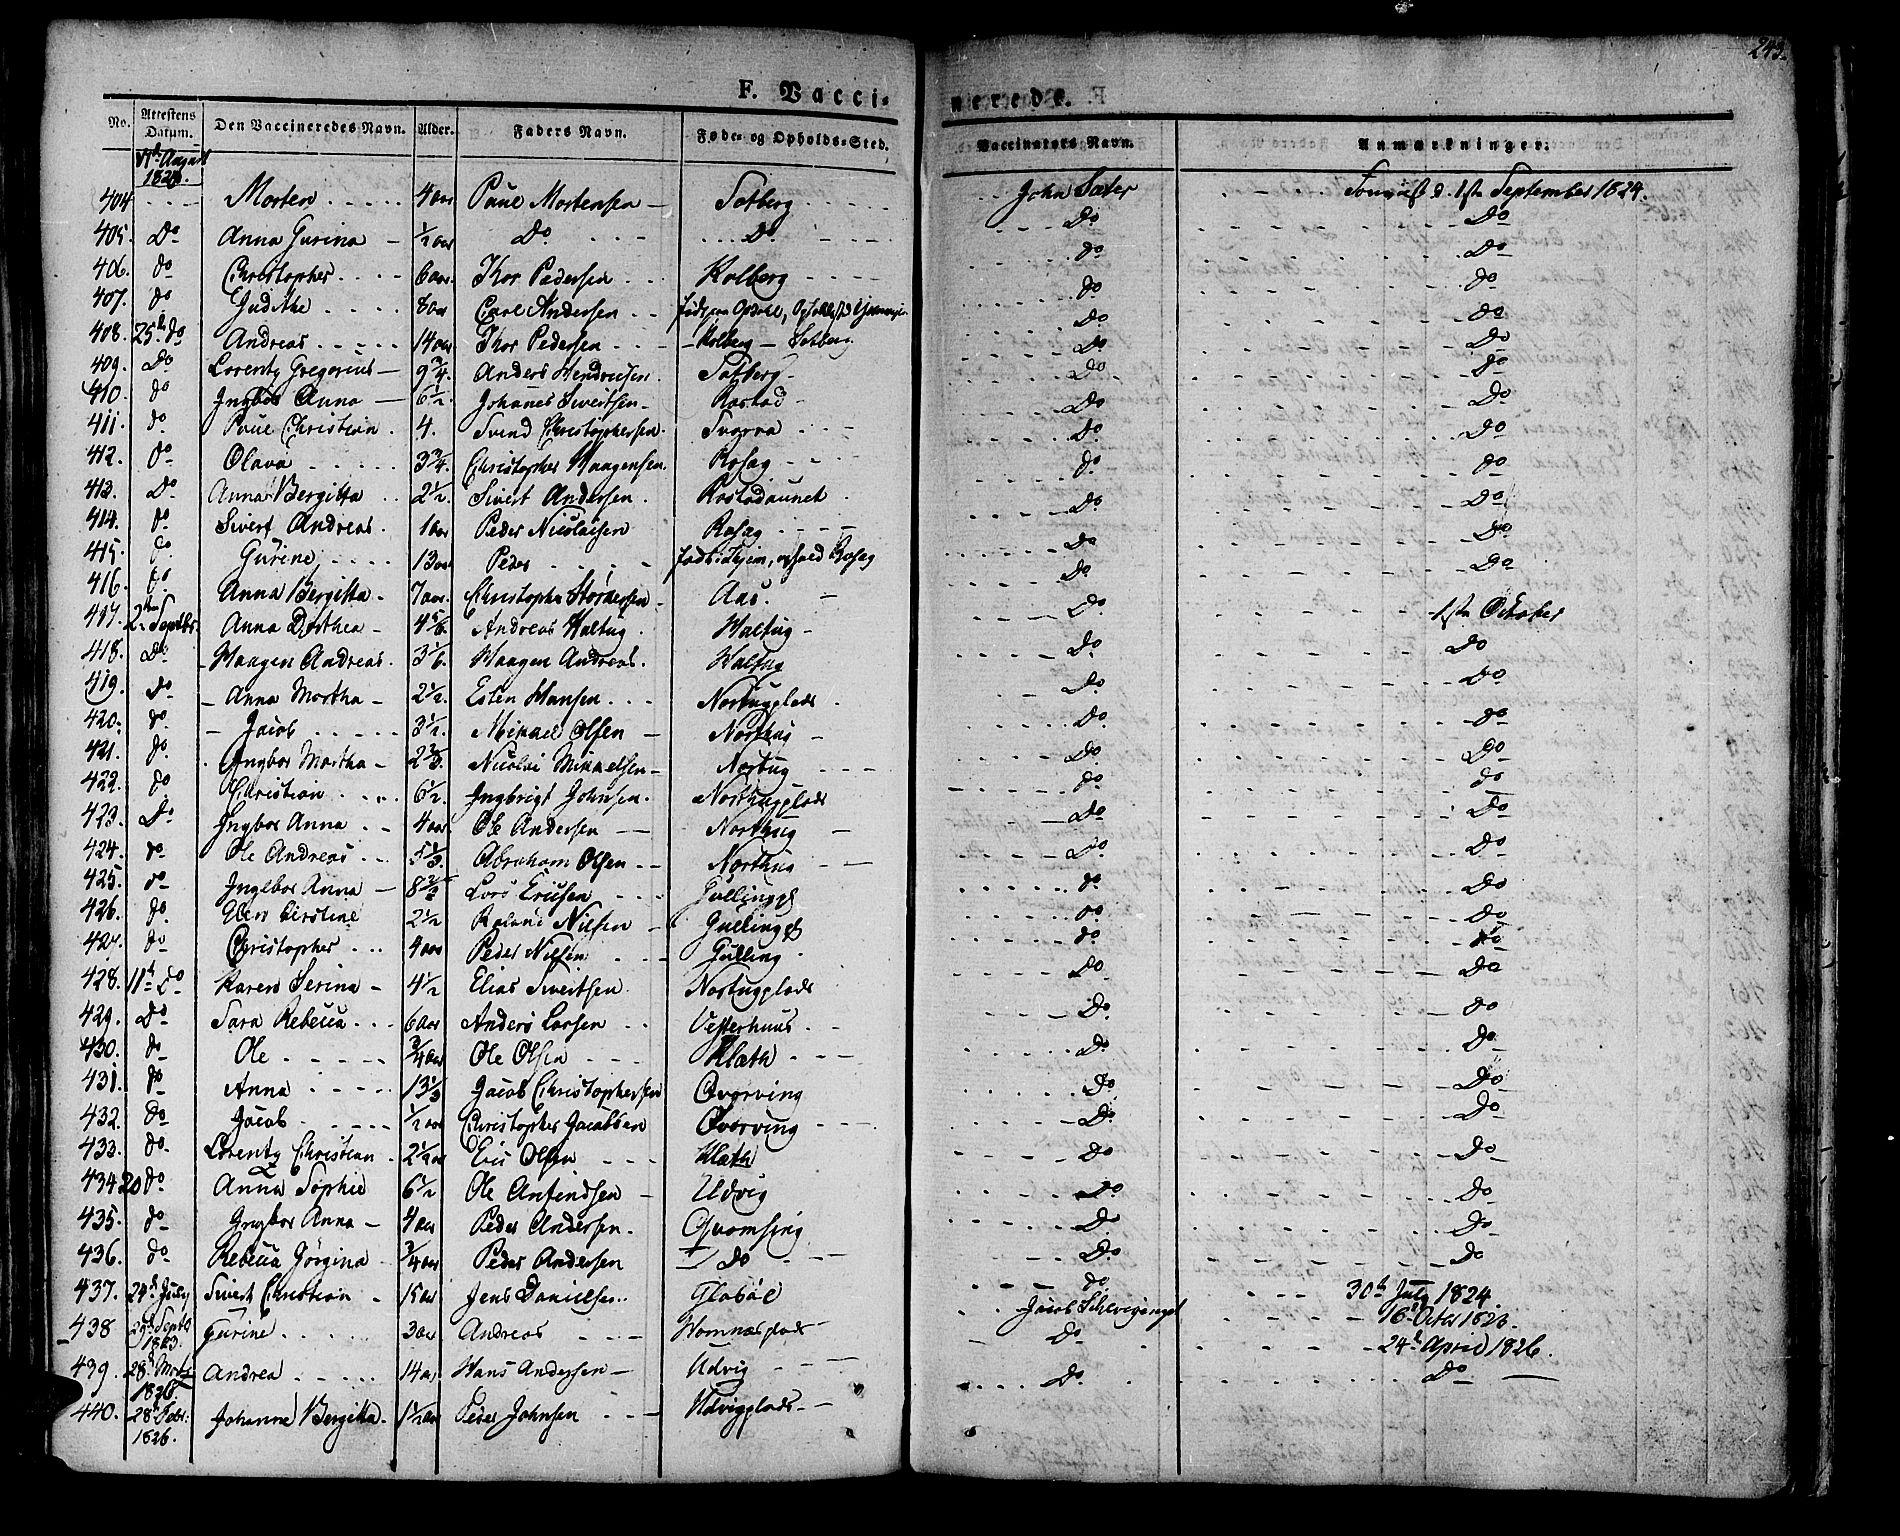 SAT, Ministerialprotokoller, klokkerbøker og fødselsregistre - Nord-Trøndelag, 741/L0390: Ministerialbok nr. 741A04, 1822-1836, s. 243